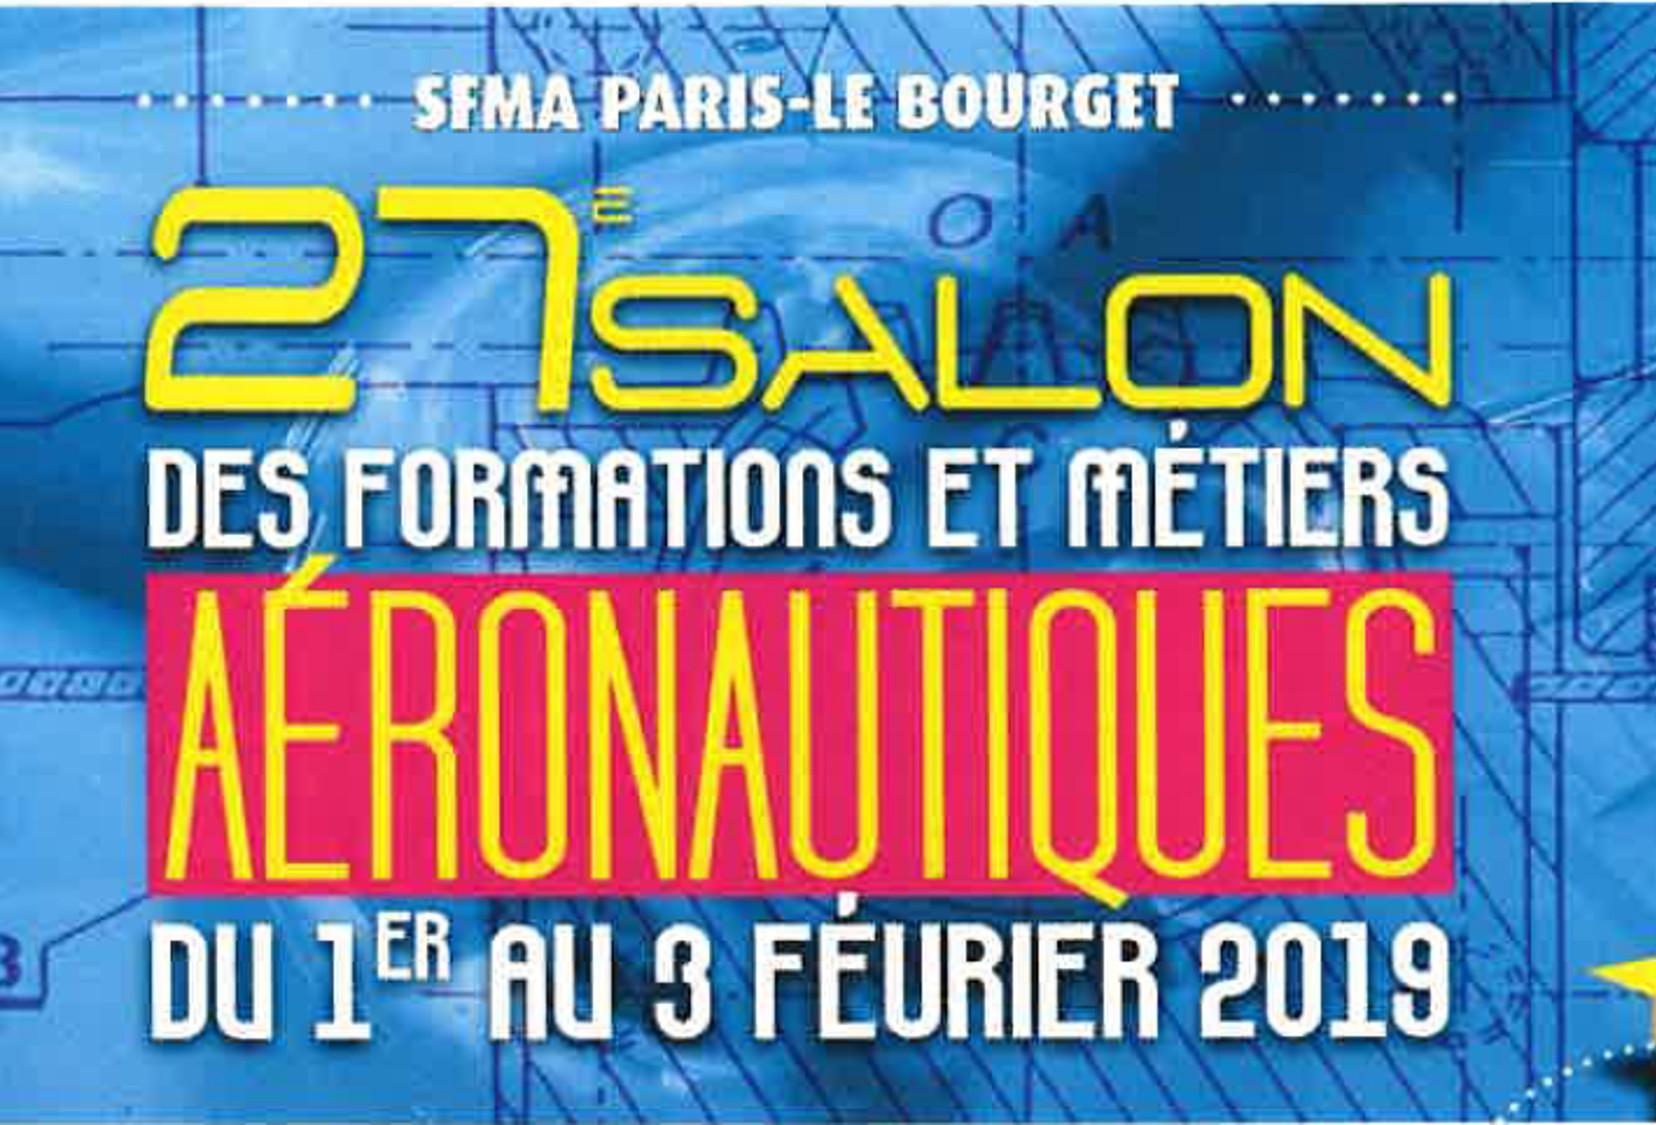 Salon des Formations et Métiers Aéronautique